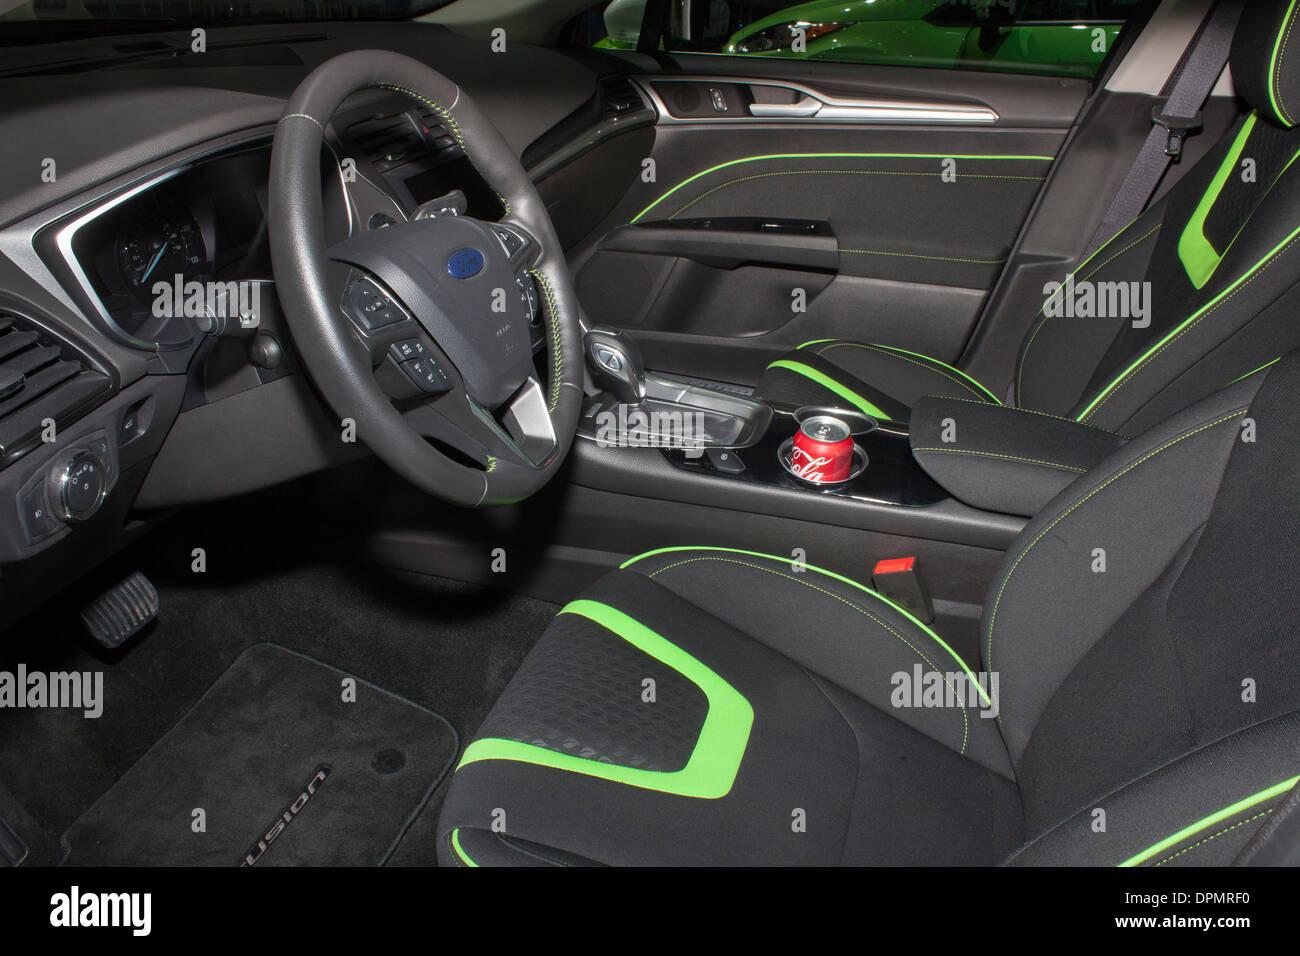 Ford Fusion auf der North American International Auto Show. Die Interieurstoffe werden teilweise aus pflanzlichen Rohstoffen hergestellt. Stockbild